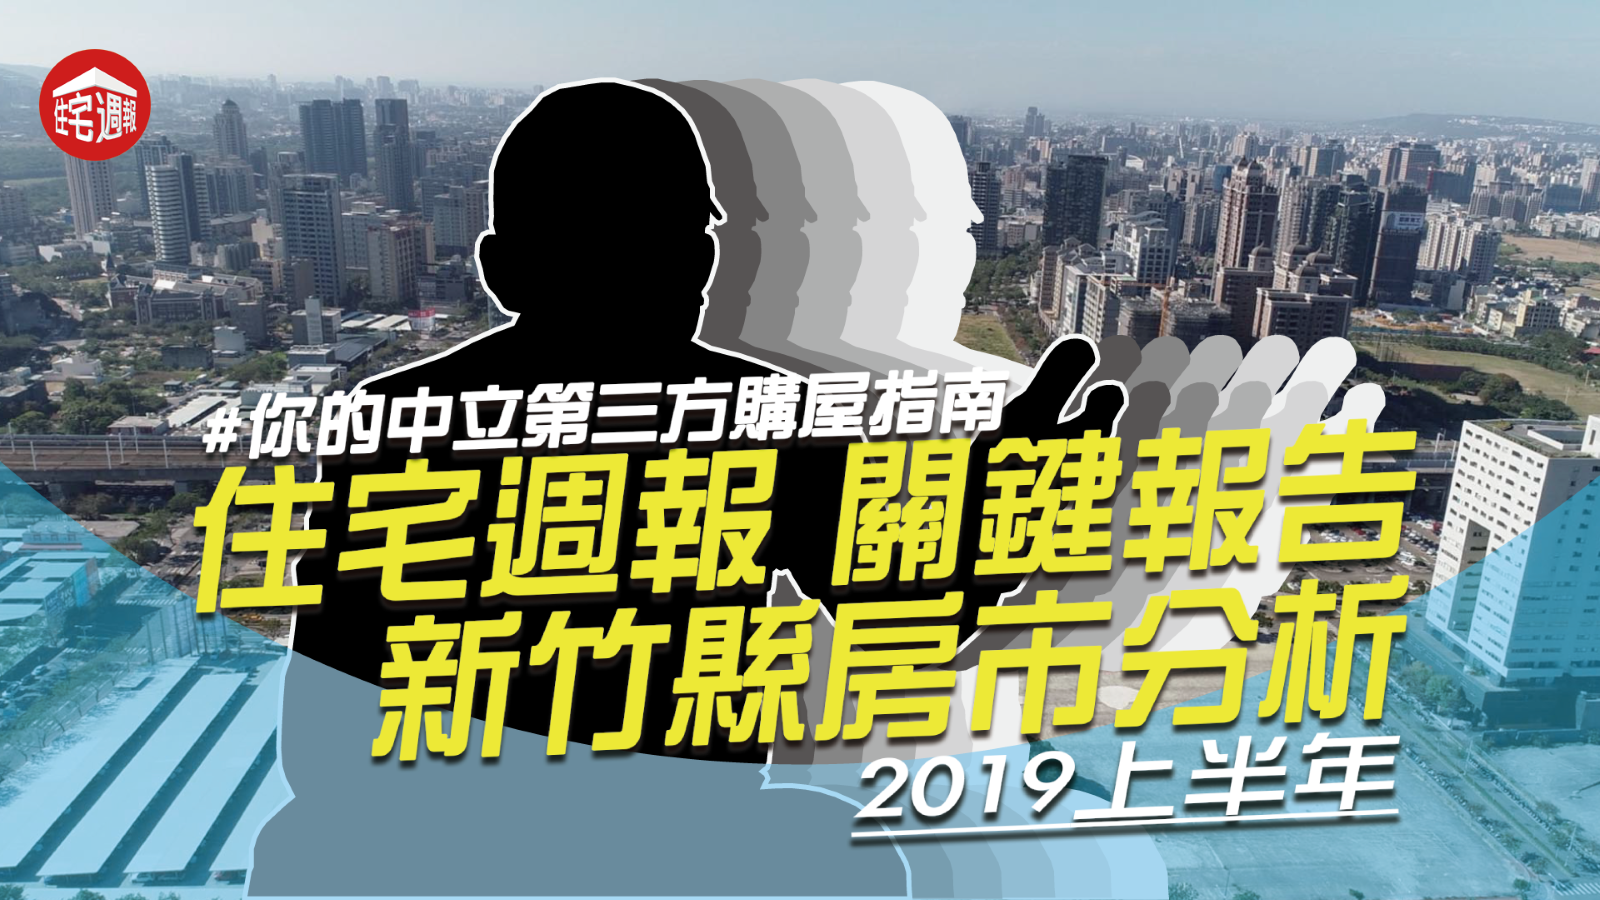 [專題報導] 2019上半年新竹縣房市分析1.png